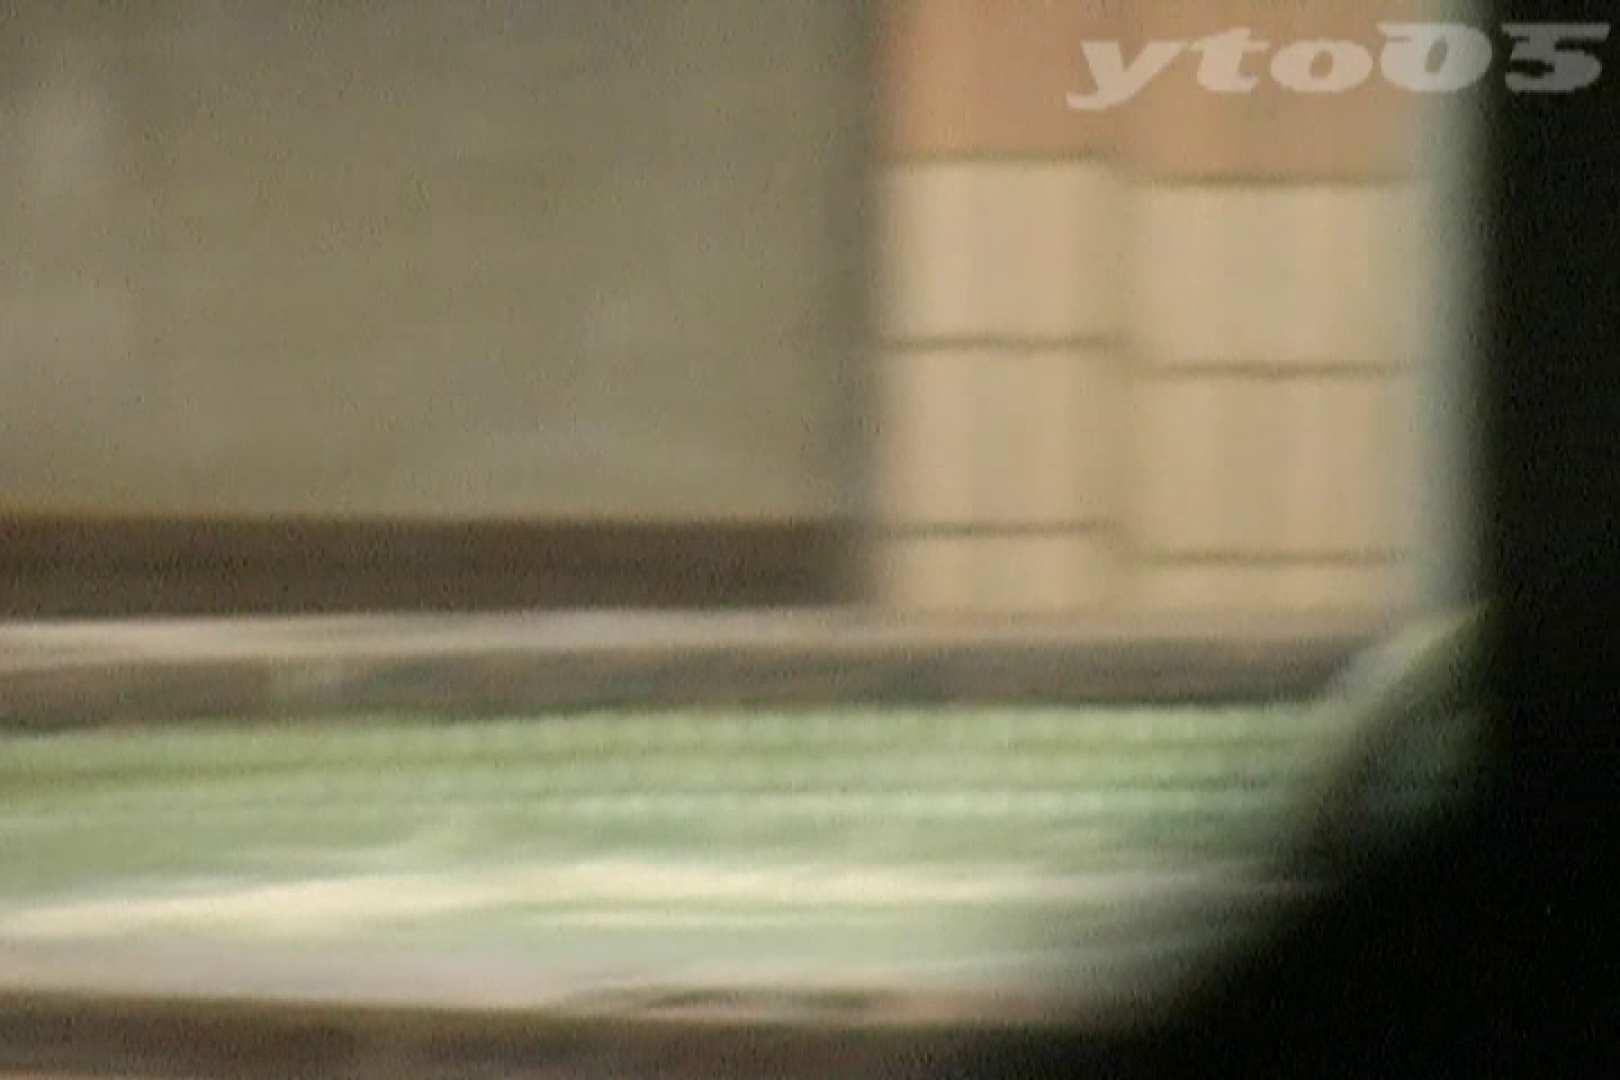 ▲復活限定▲合宿ホテル女風呂盗撮 Vol.29 女風呂 AV動画キャプチャ 93画像 22